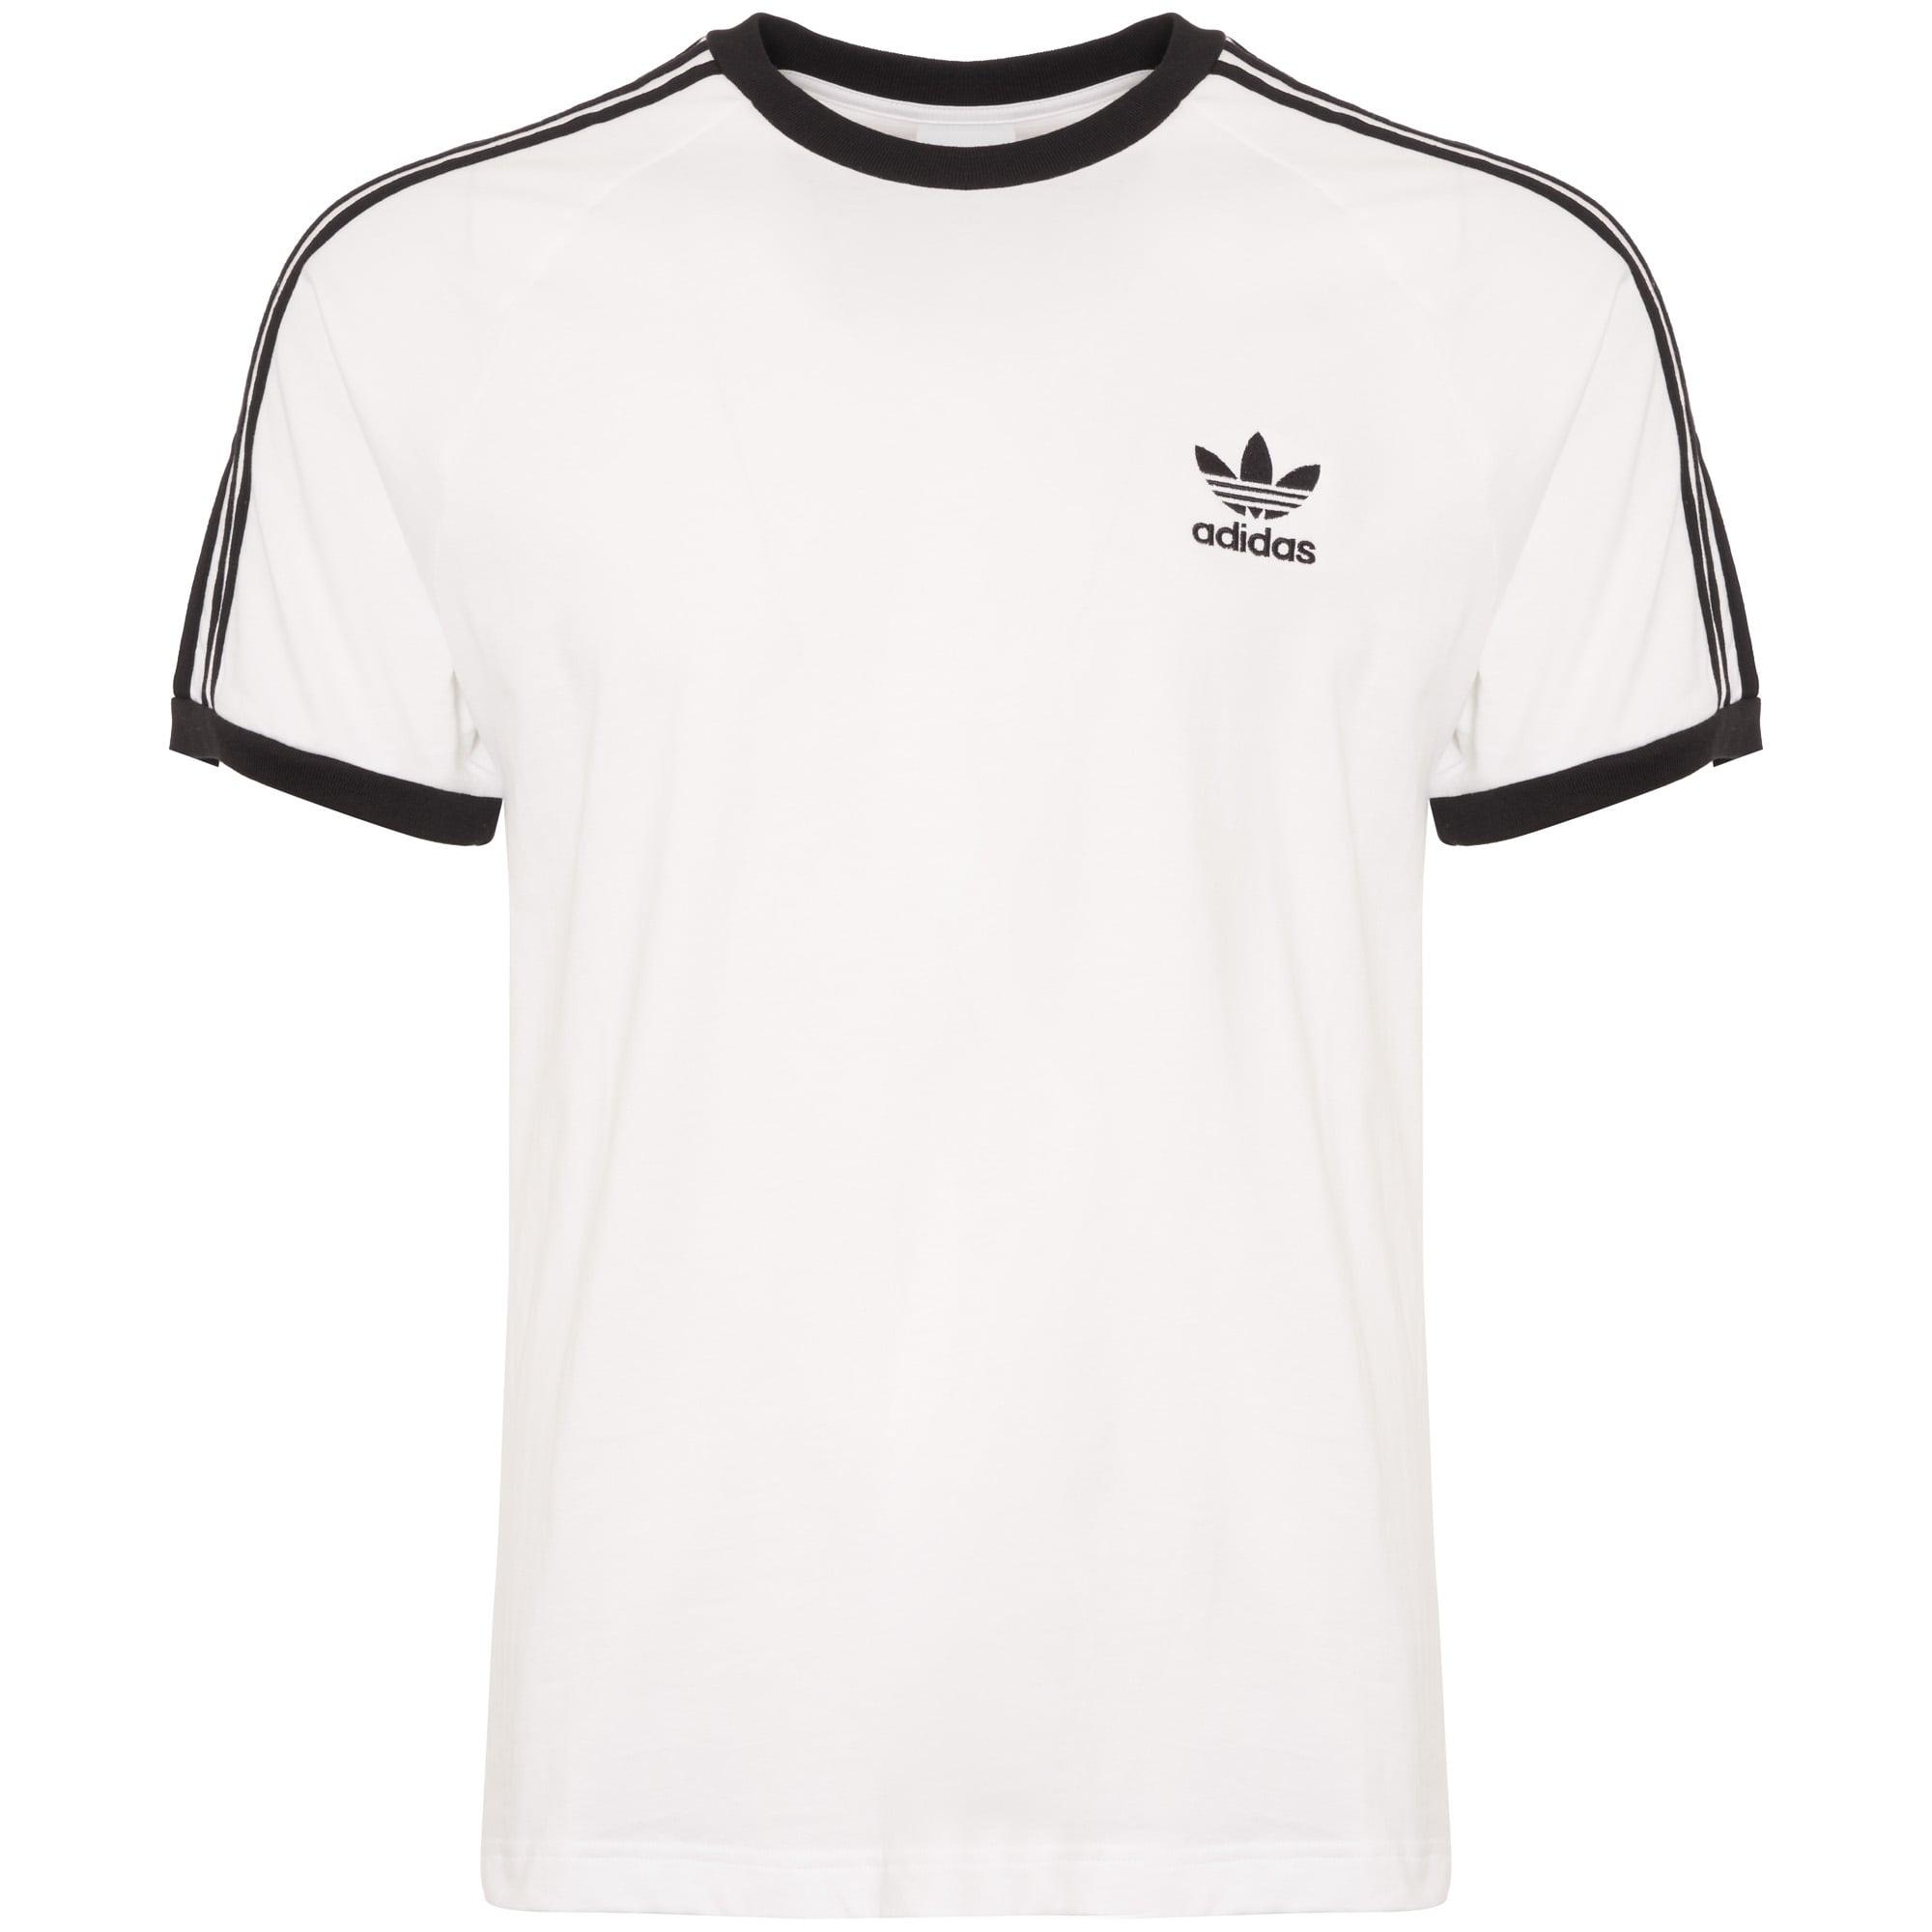 T Adidas 3 Stripes Dandy Fellow ShirtwhiteAt hdQtCsr